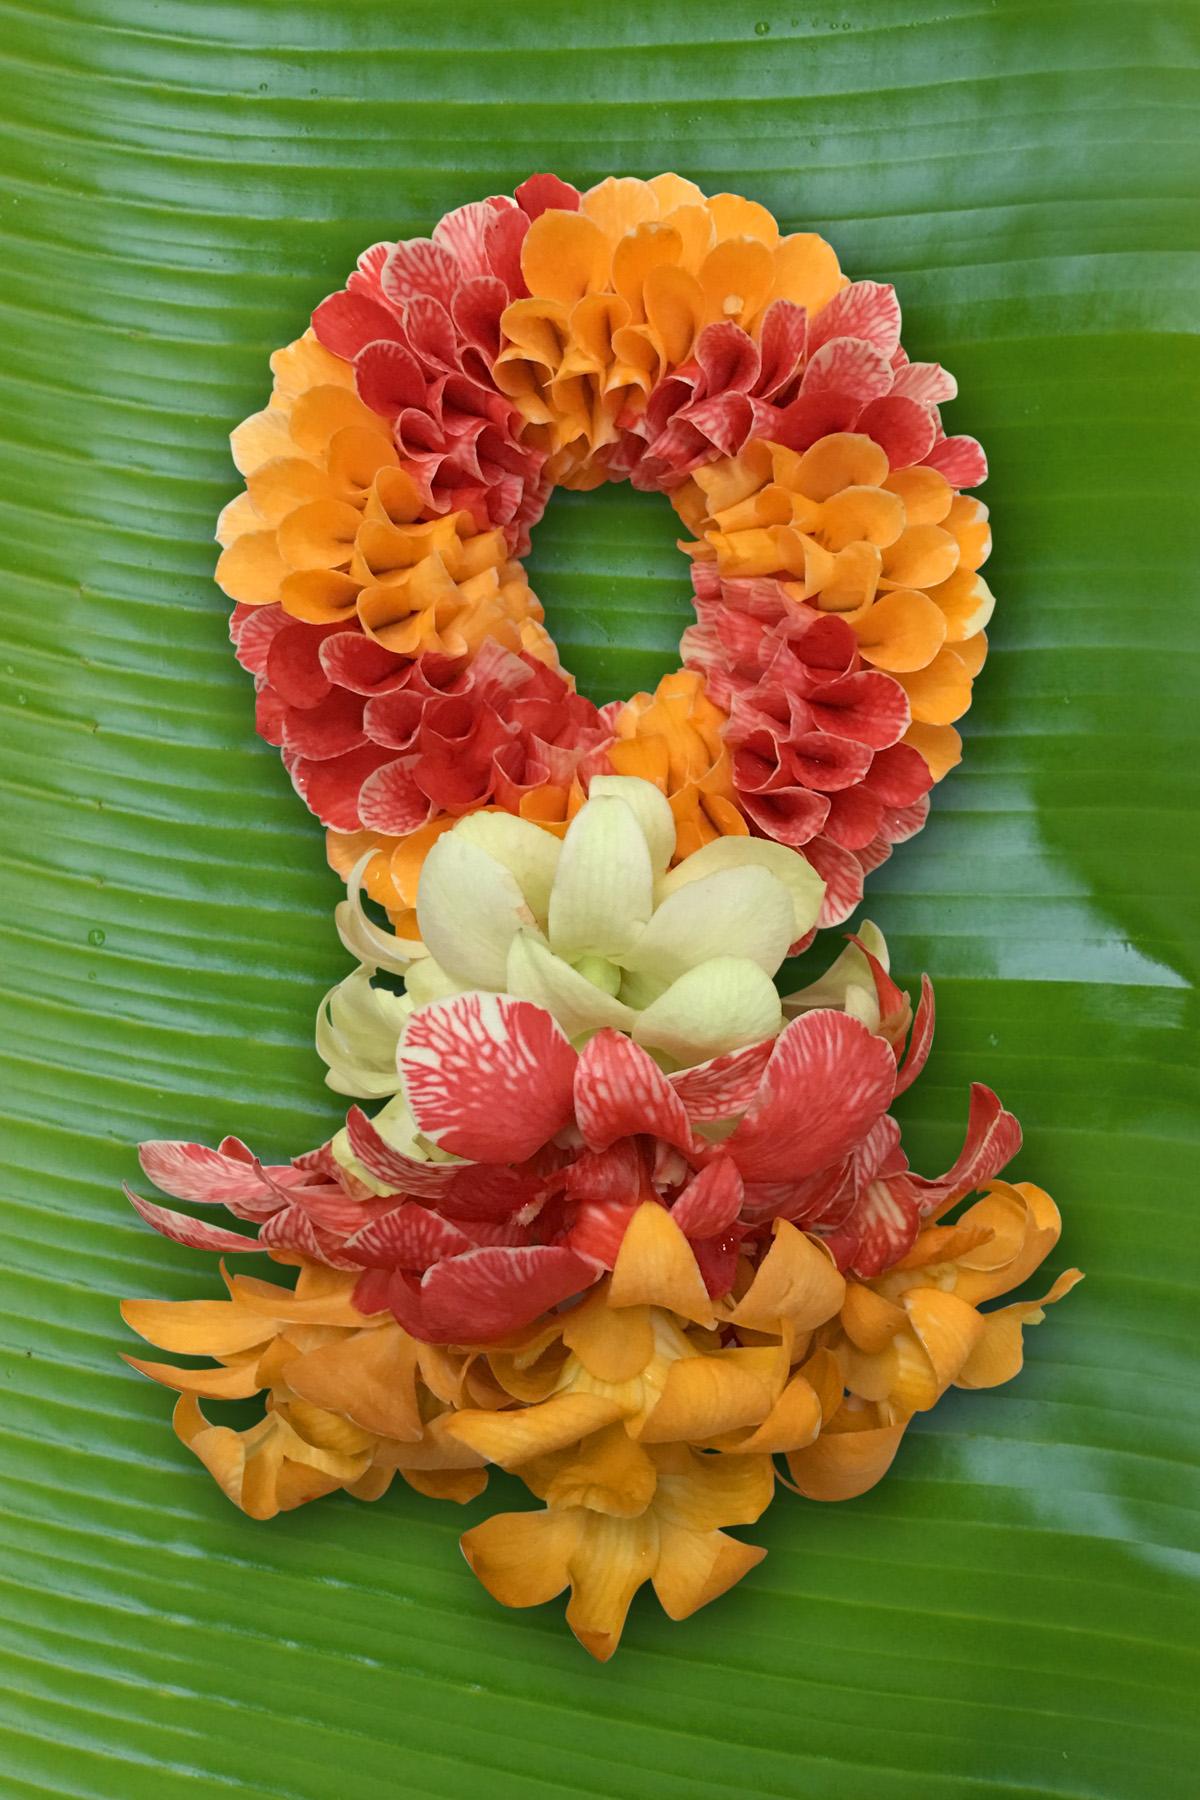 พวงมาลัยดอกไม้สด ขนาดกลาง รหัส 3305